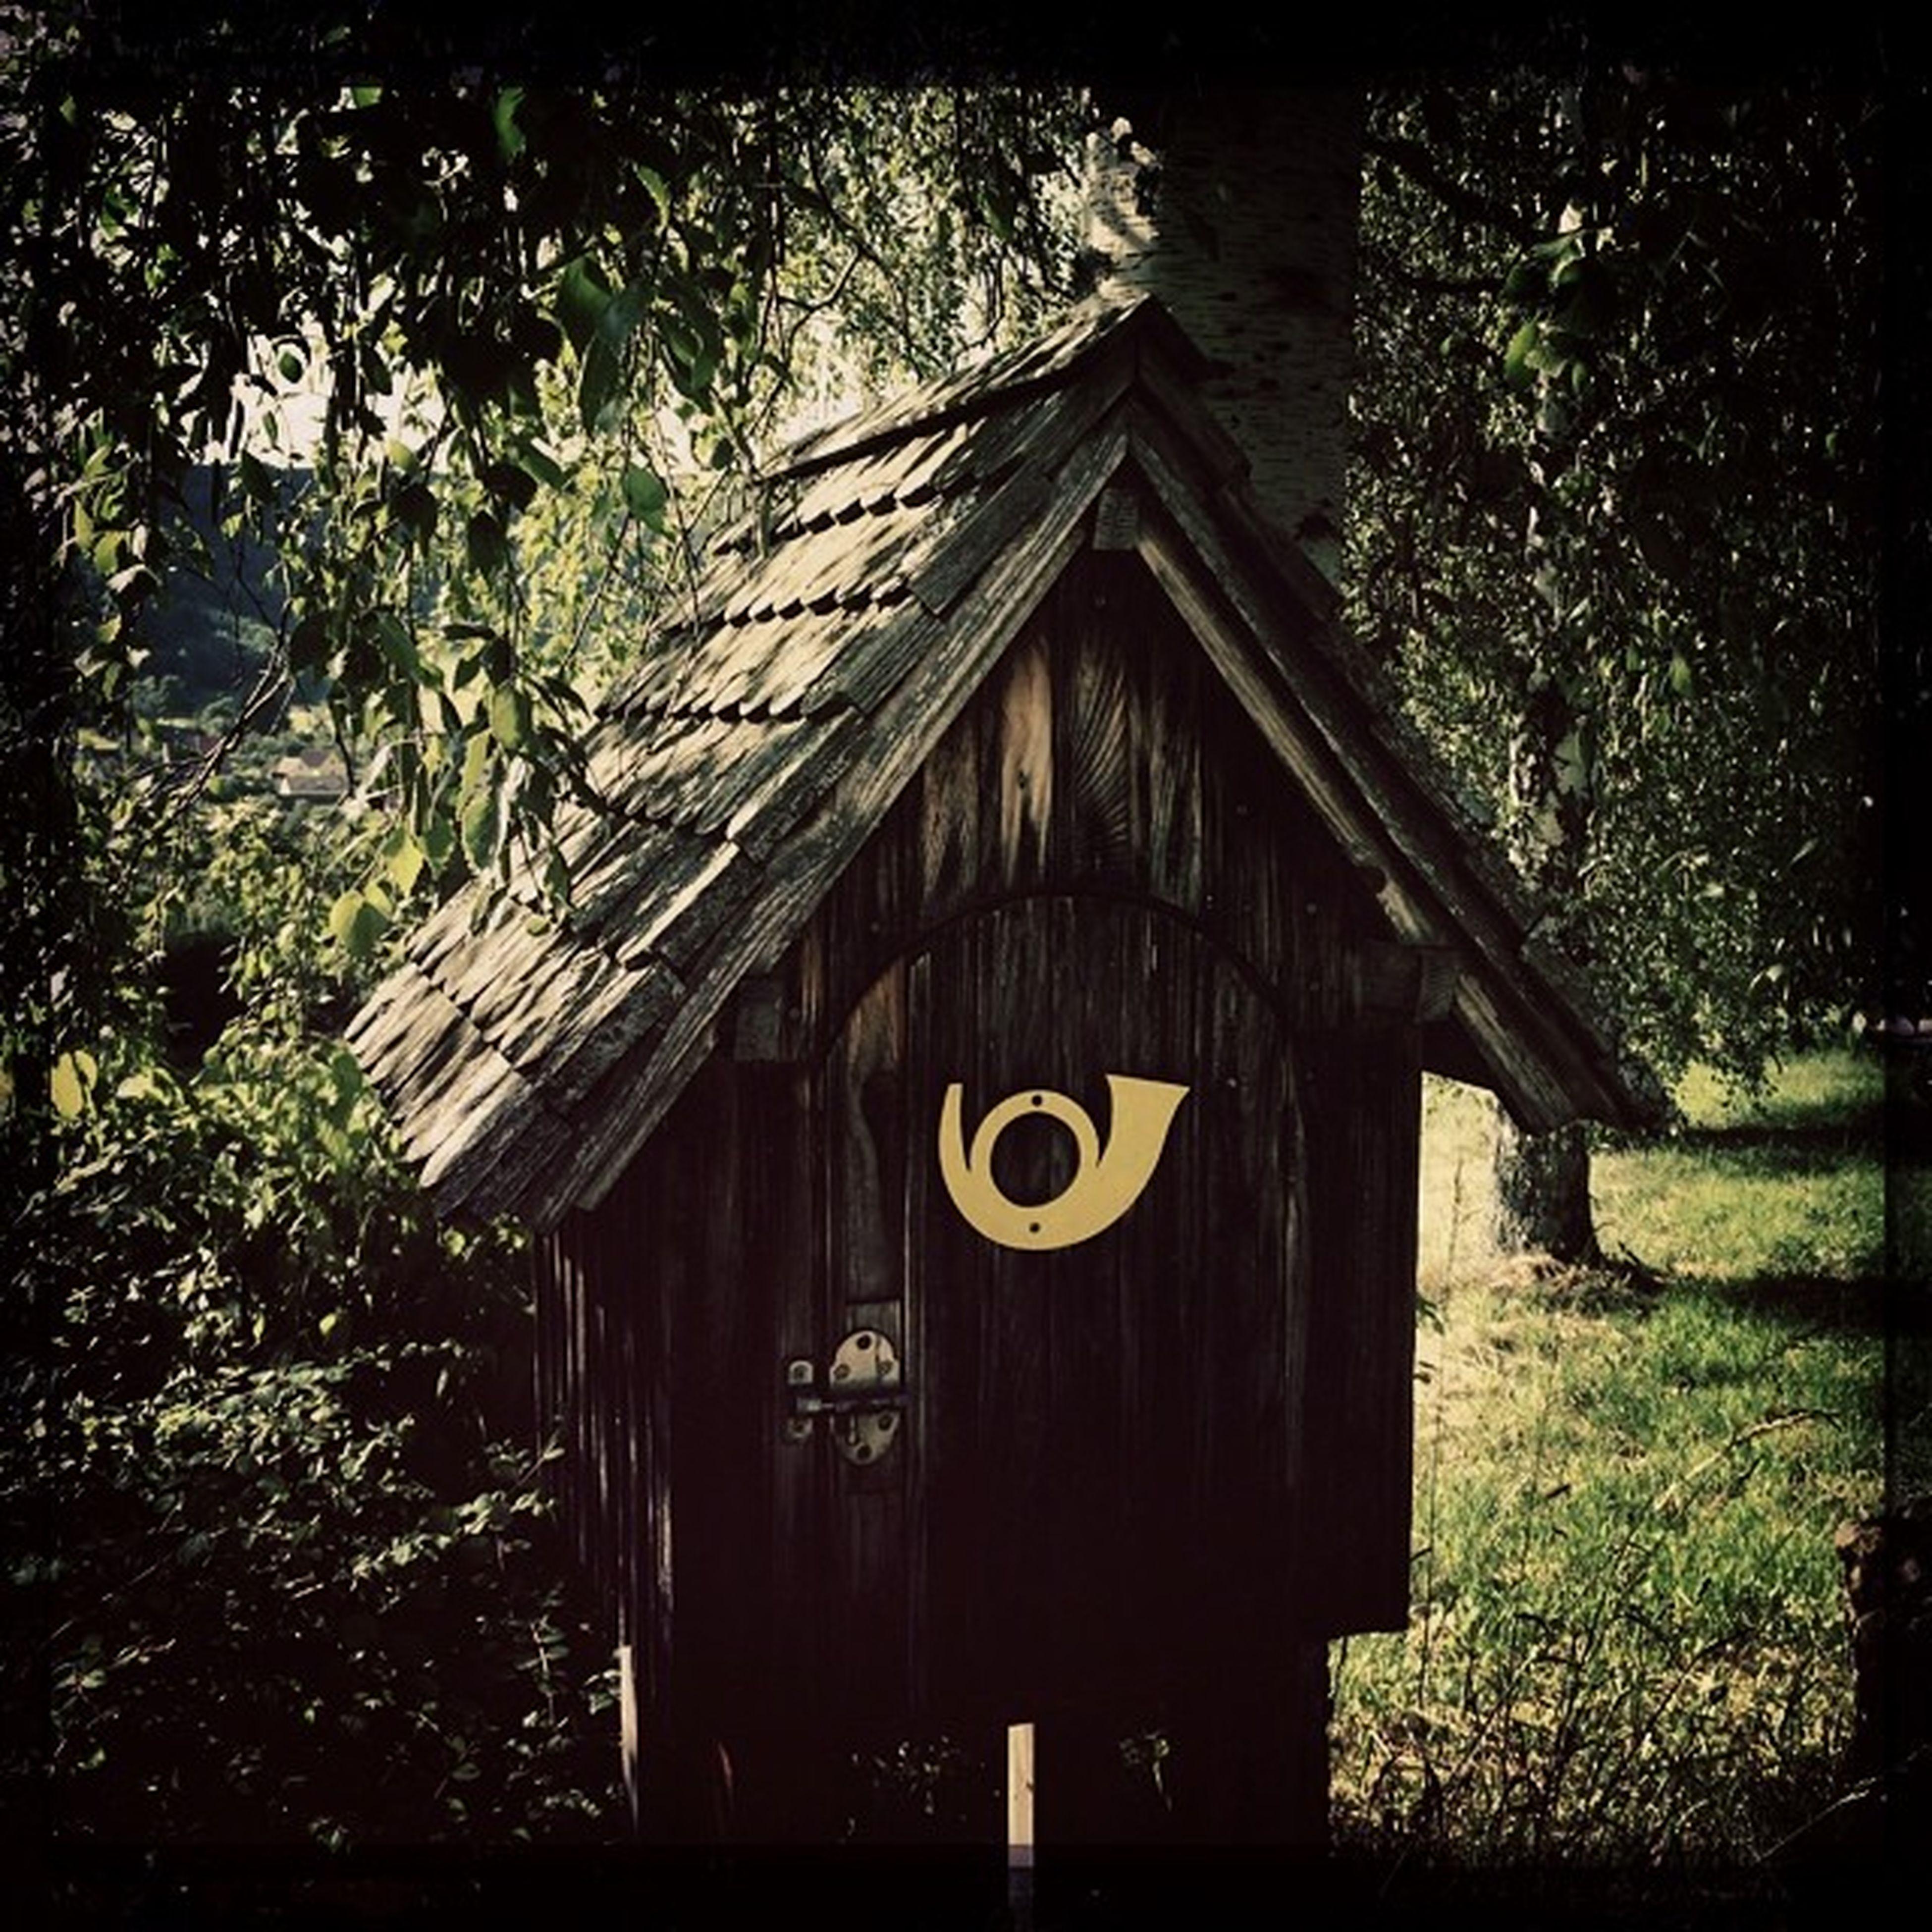 #wooden #mailbox #franconia #bavaria #germany